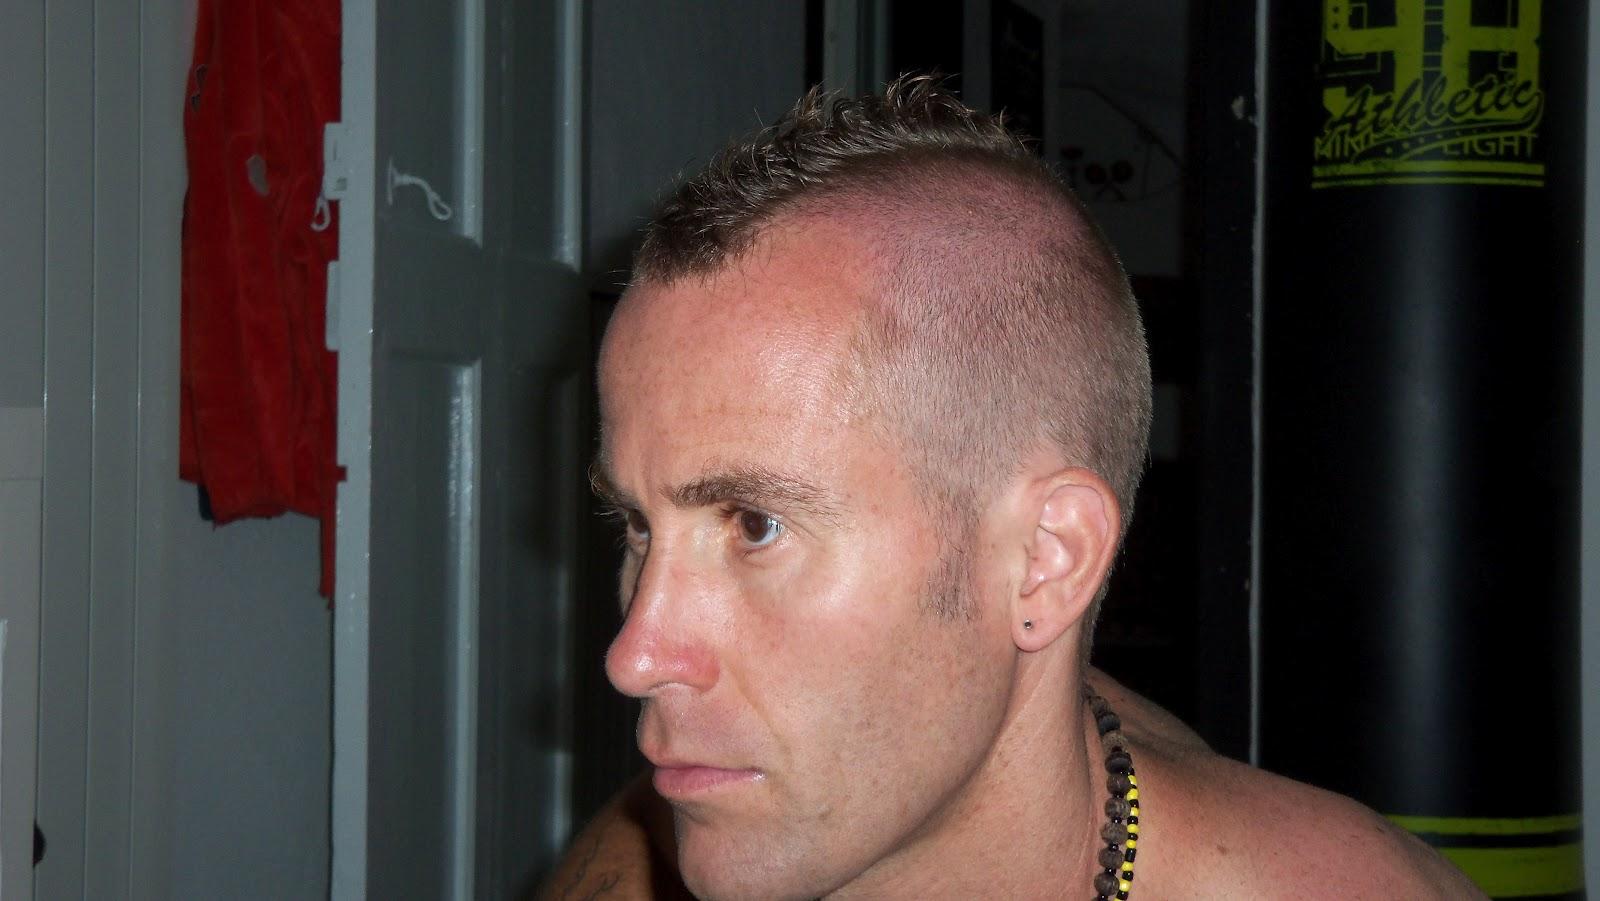 capelli uomo 3 cm